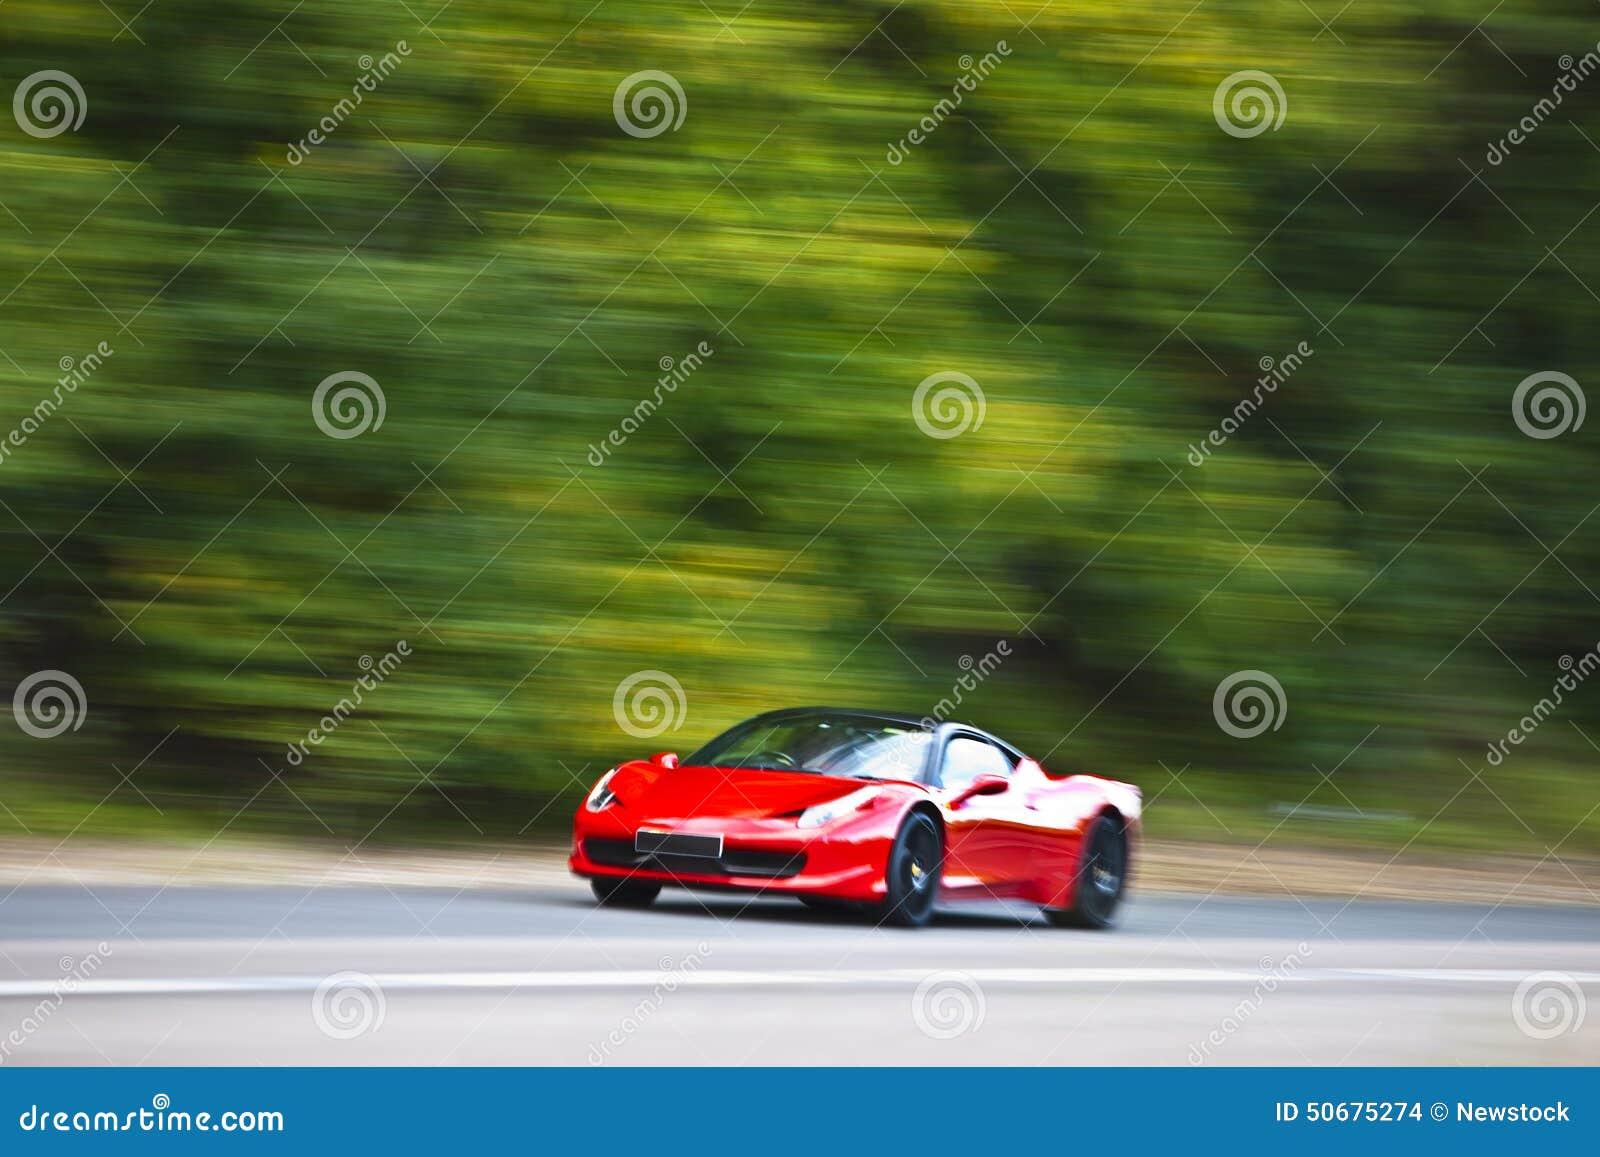 Download 红色快速地驾车在乡下公路 库存照片. 图片 包括有 车道, 旅途, 季节, 环境, 国家(地区), 地产 - 50675274